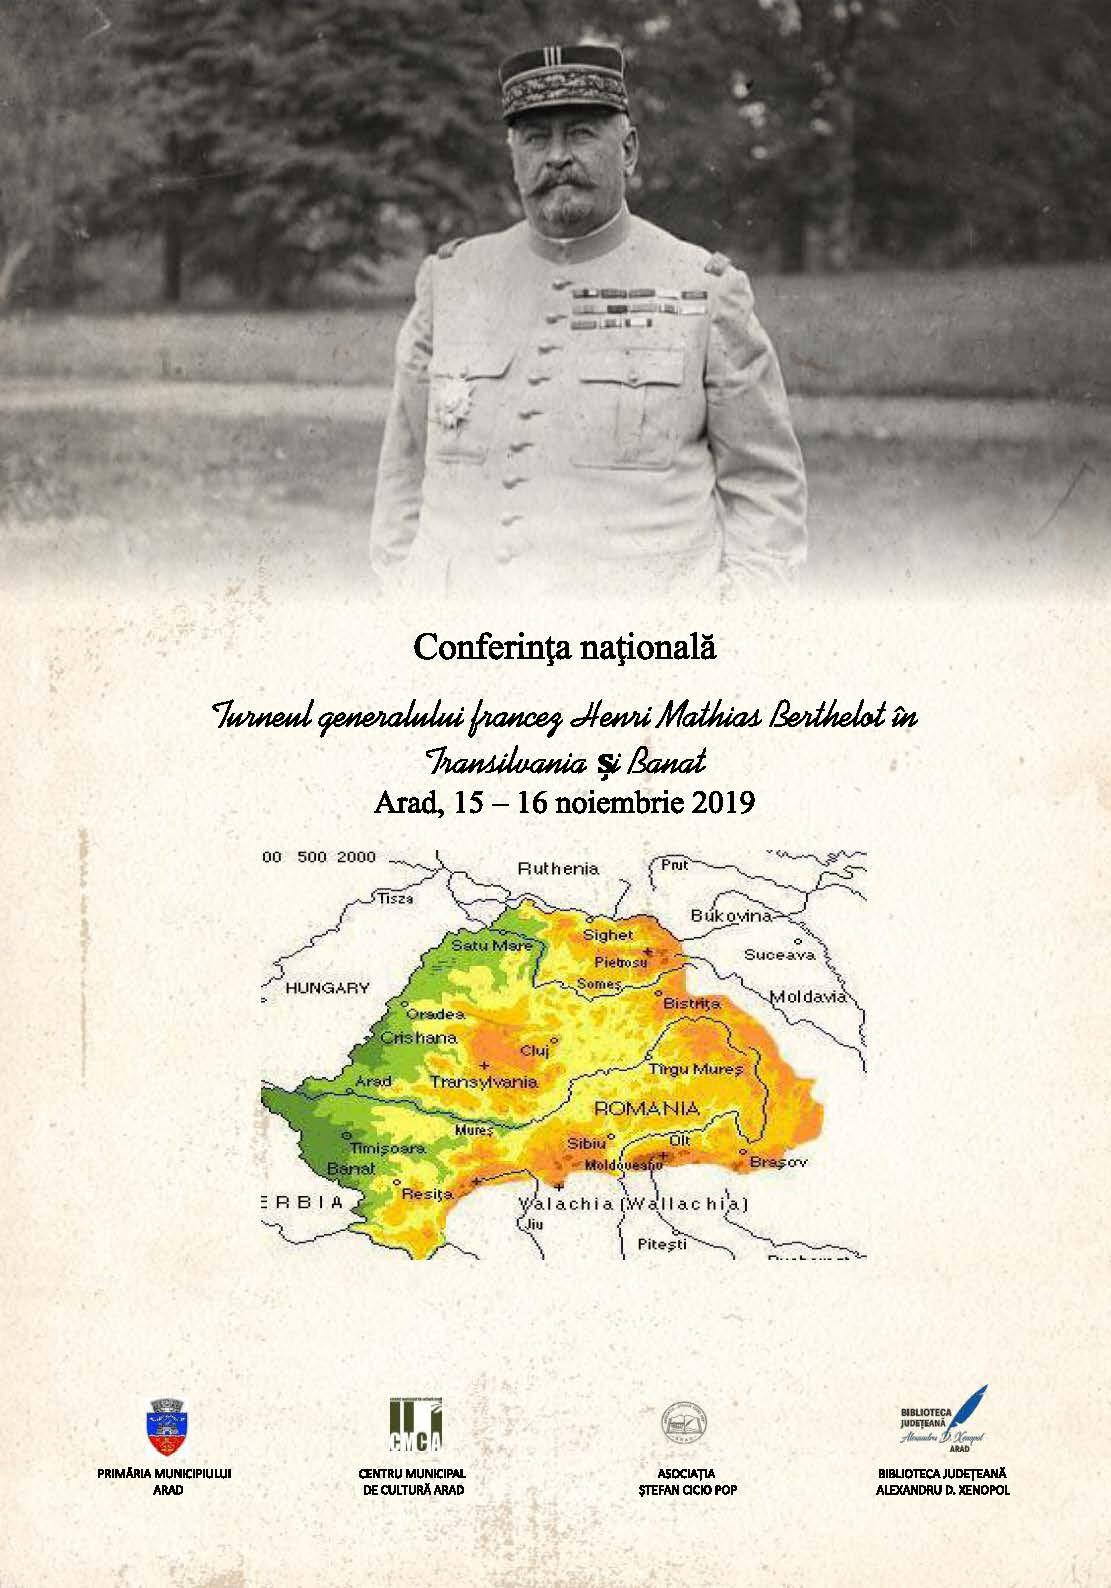 """Conferința științifică națională """"Turneul generalului Berthelot în Transilvania și Banat la sfârșitul anului 1918 și începutul anului 1919"""", la Arad"""